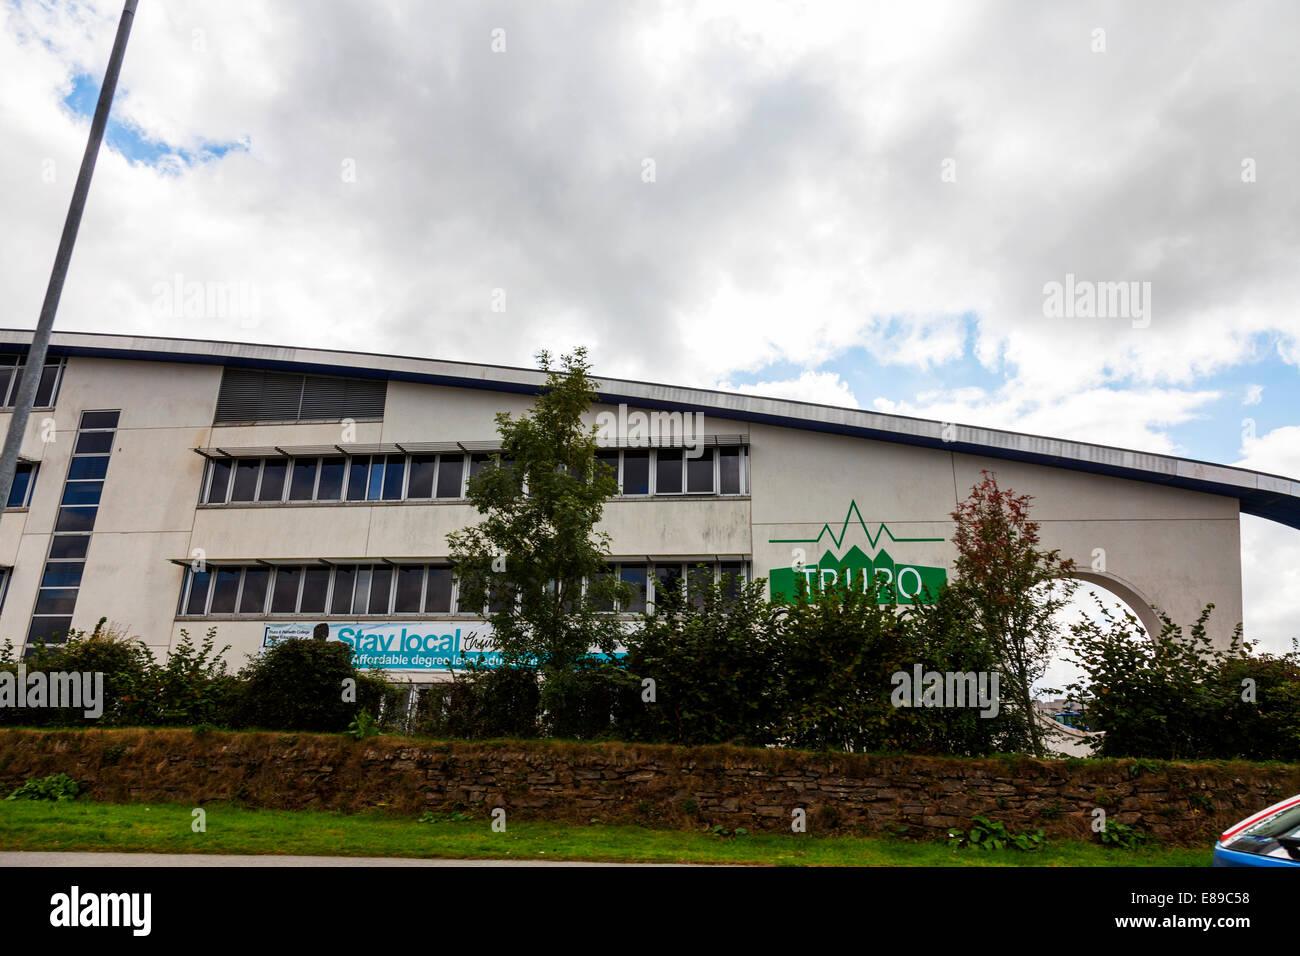 Truro e Penwith College è un collegio terziaria di ulteriore istruzione Edificio Esterno facciata esterna nome sign Foto Stock